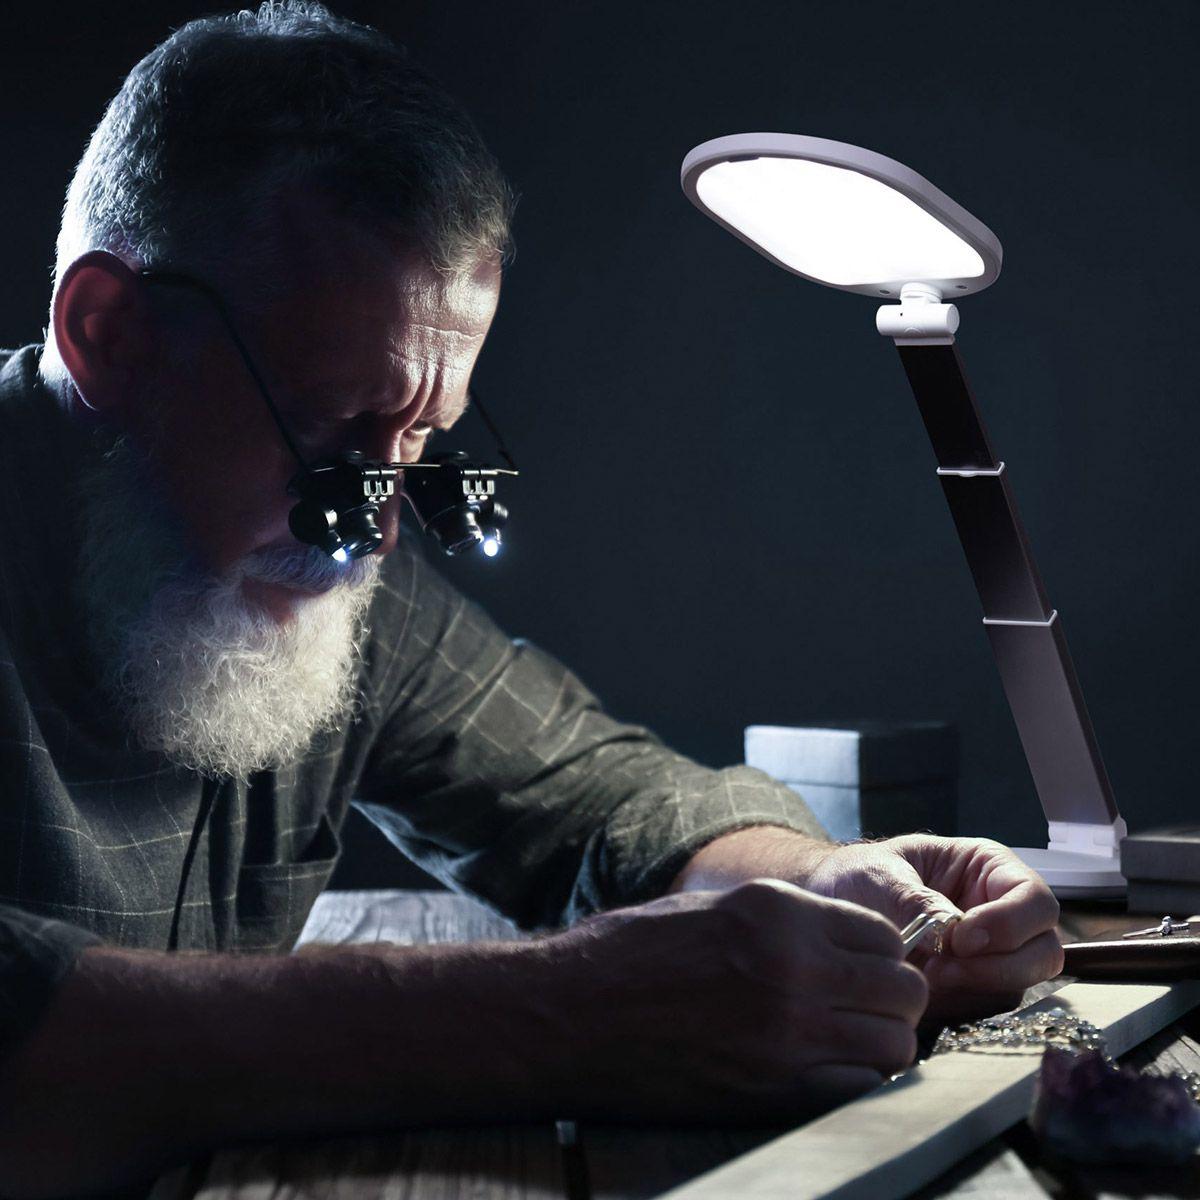 Lampe de bureau rechargeable Foldi Go Daylight